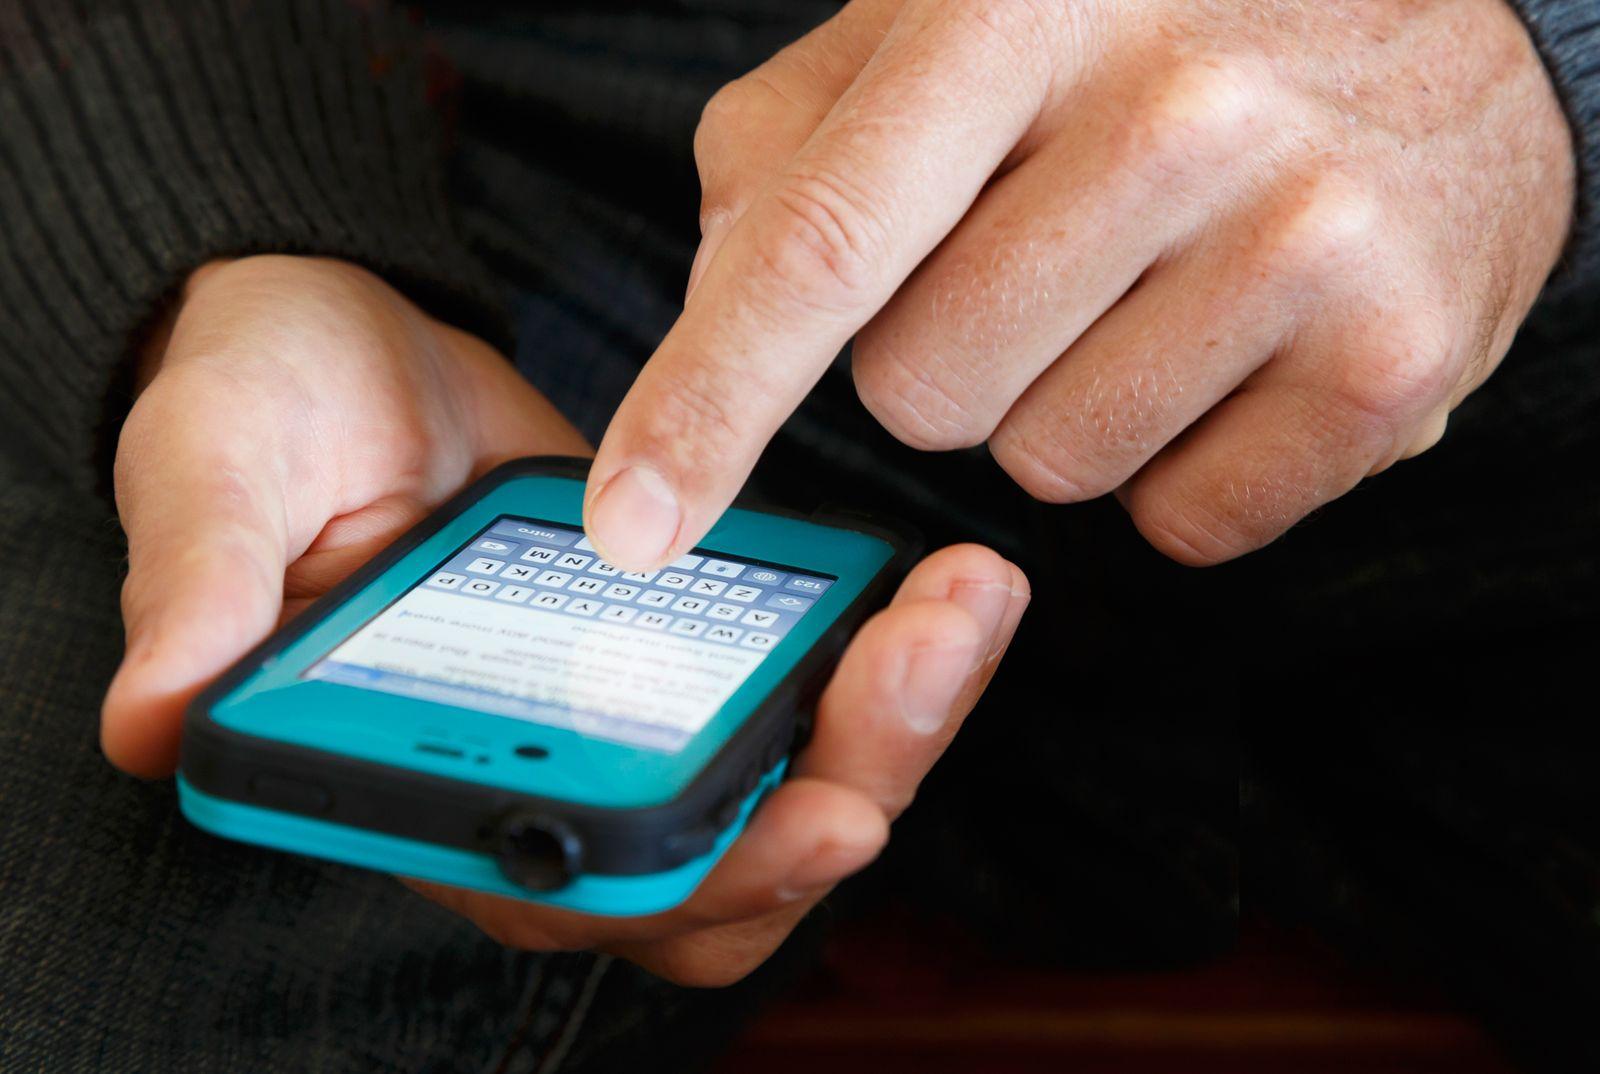 NICHT MEHR VERWENDEN! - Symbolbild SMS/ Smartphone